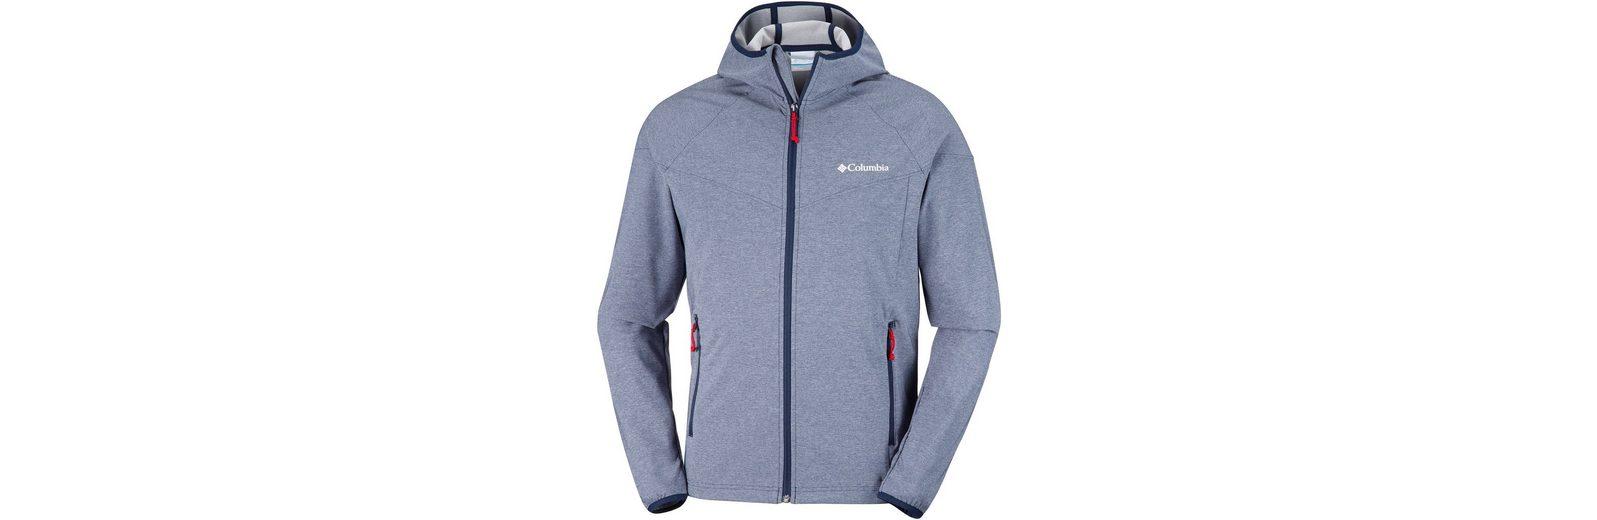 Columbia Outdoorjacke Heather Canyon Jacket Men Spielraum Mit Mastercard Großer Rabatt Rabatt Heißen Verkauf g2kxjV83RV